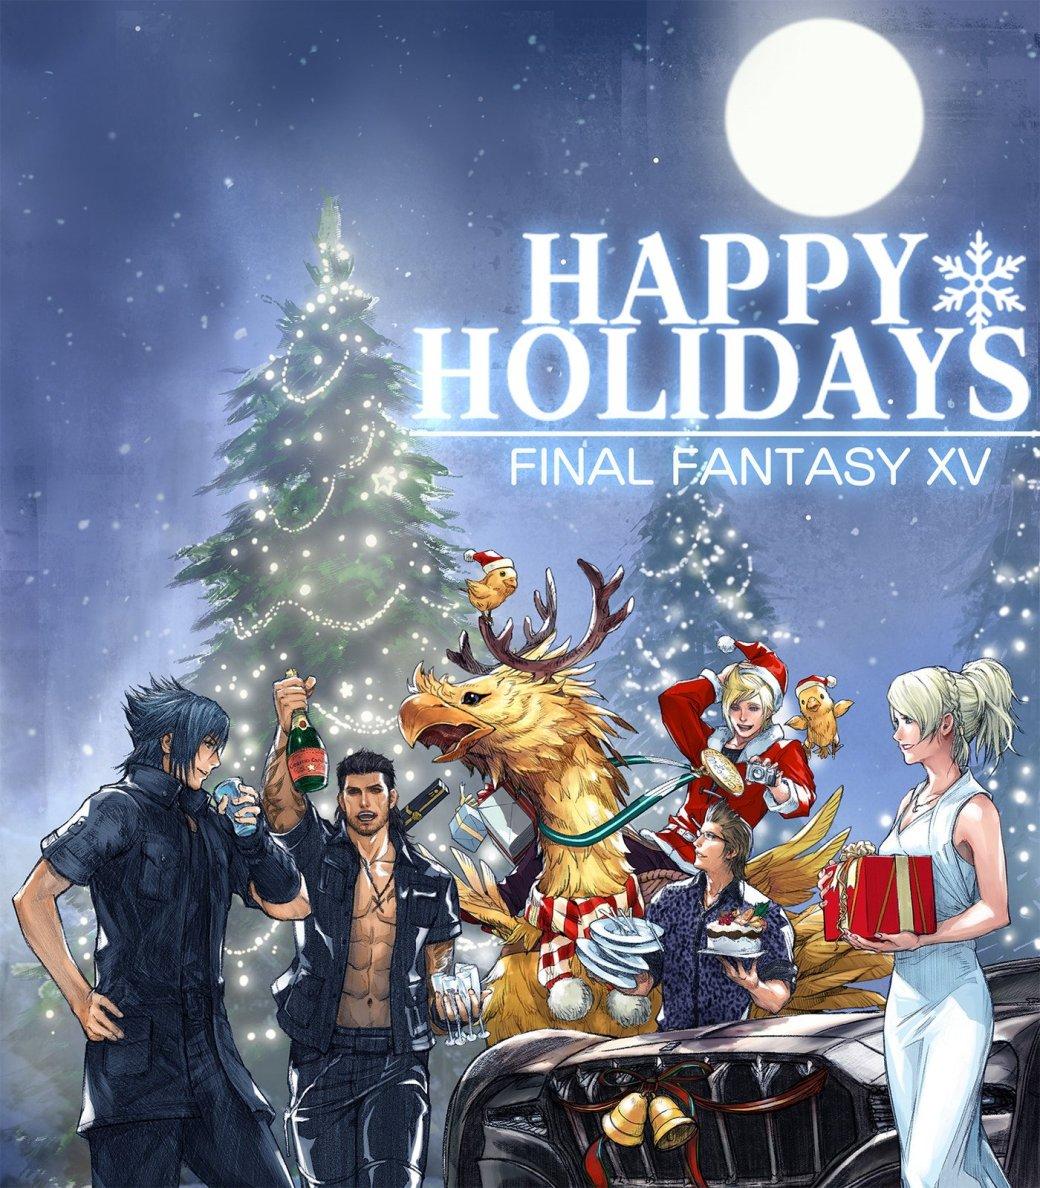 С праздниками! Разработчики поздравляют с Новым годом и Рождеством. - Изображение 8